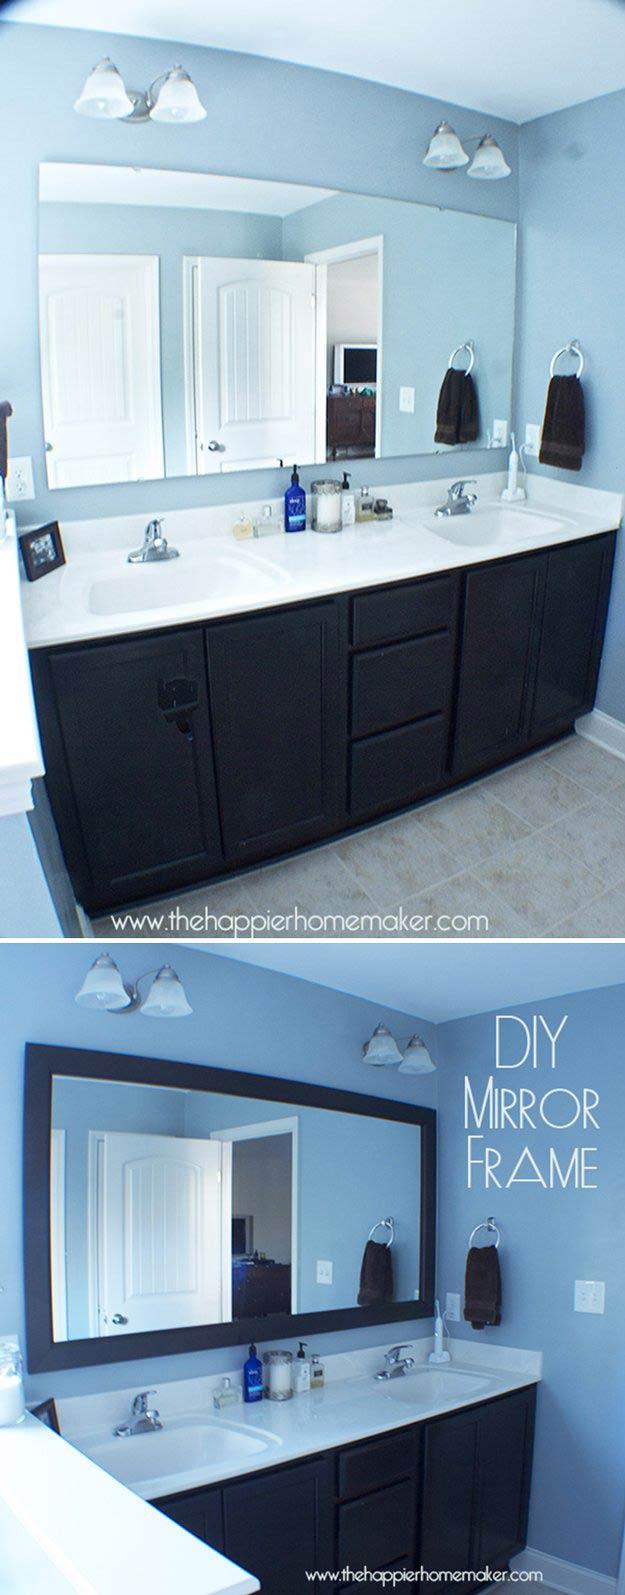 Bathroom Decorating Ideas on a Budget DIY Ready on Bathroom Ideas On A Budget  id=71618